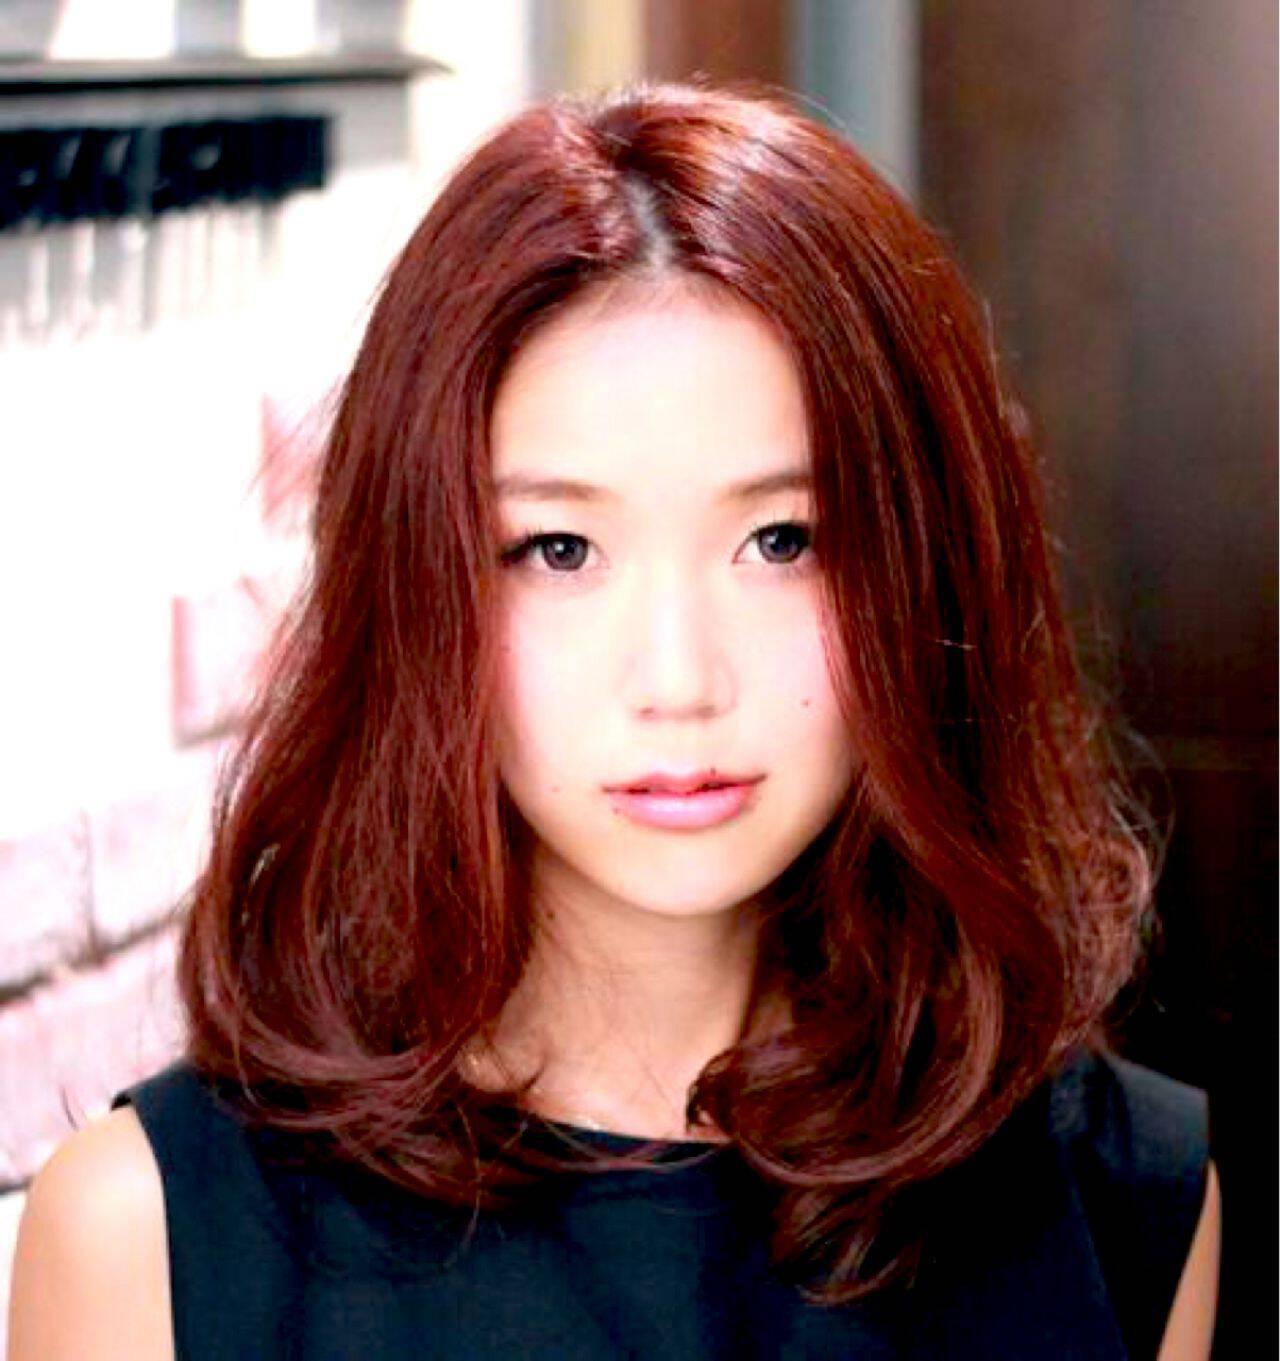 ピンク 艶髪 パーマ ゆるふわヘアスタイルや髪型の写真・画像